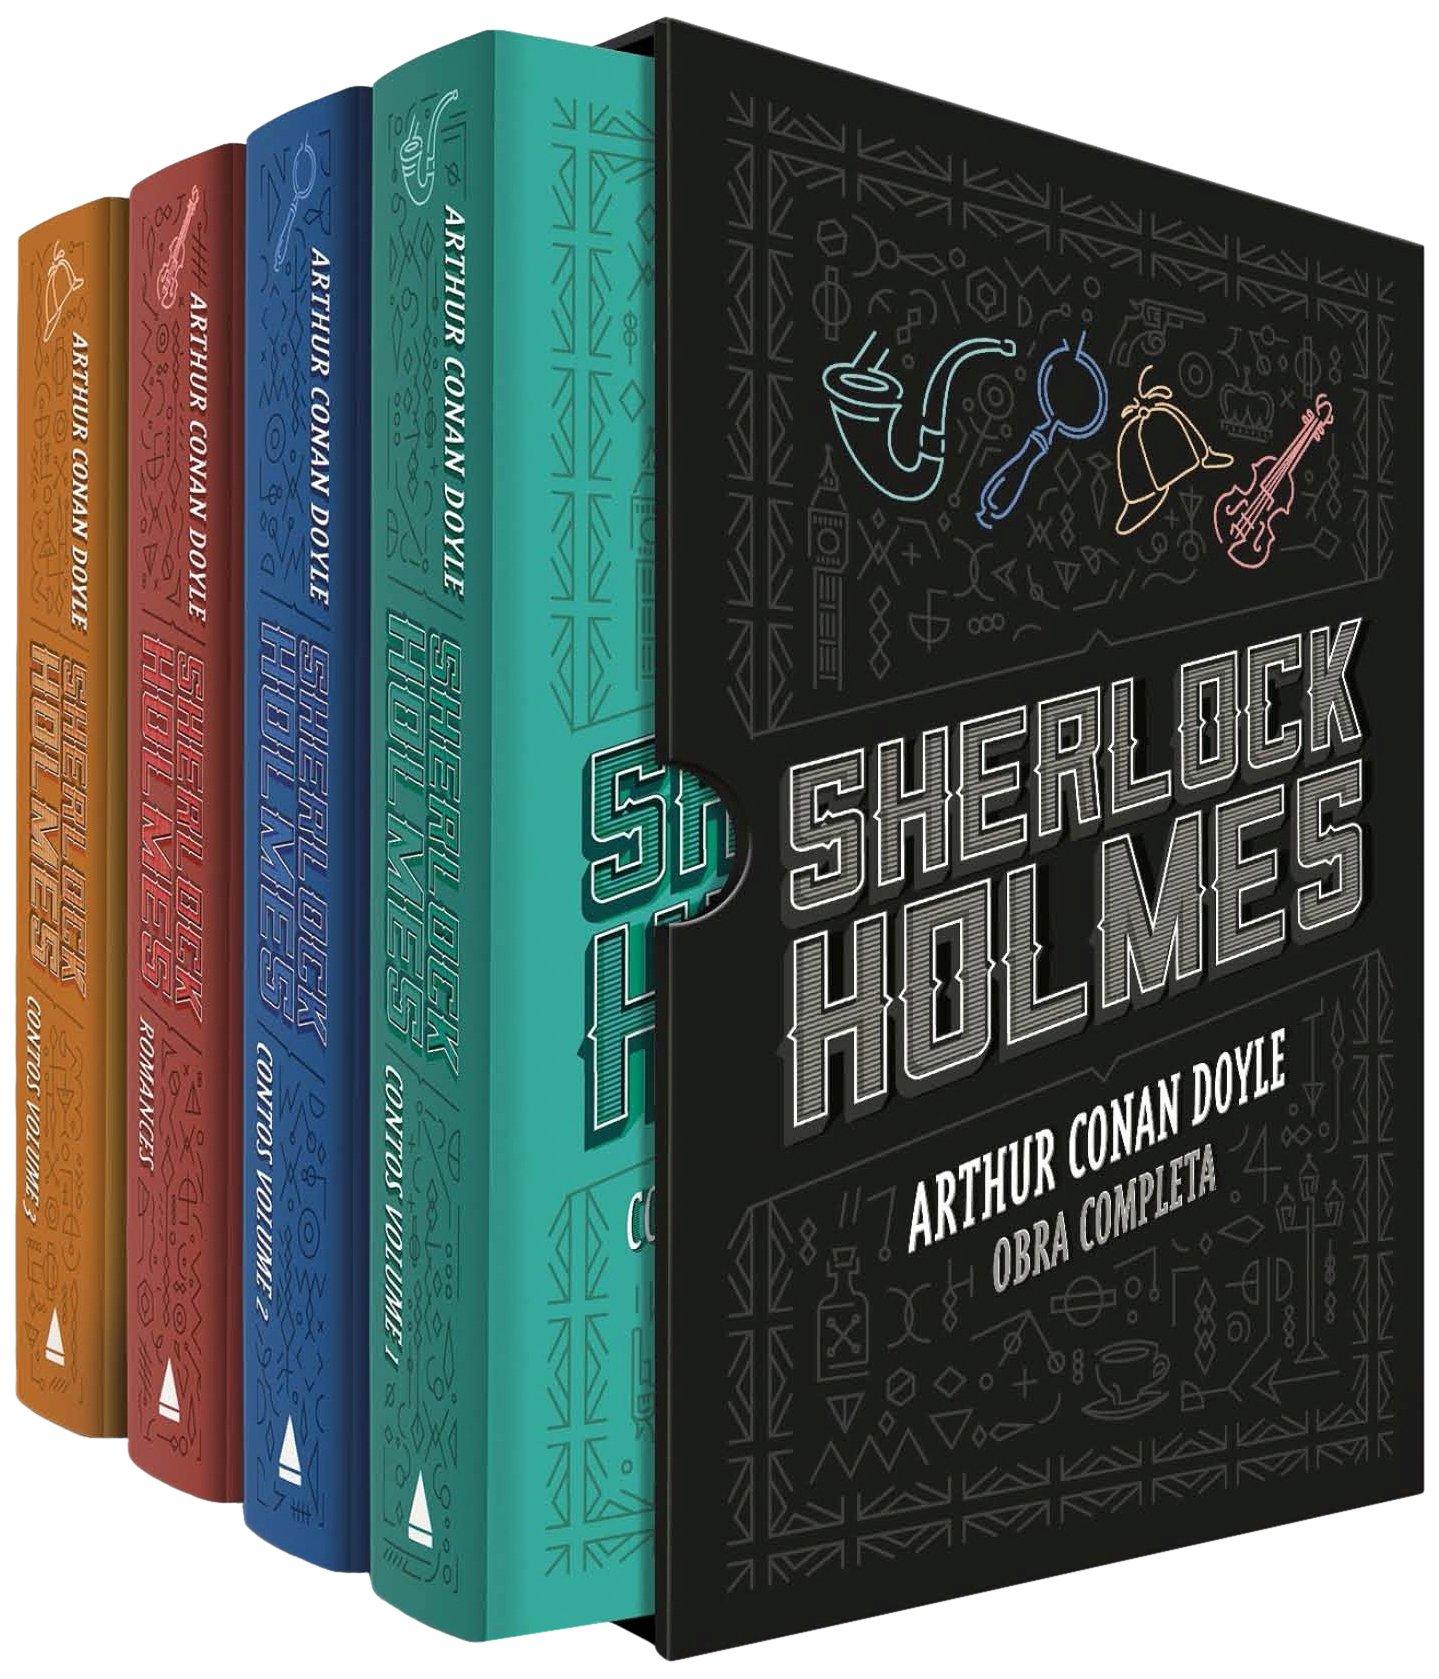 Sherlock Holmes - Caixa | Amazon.com.br